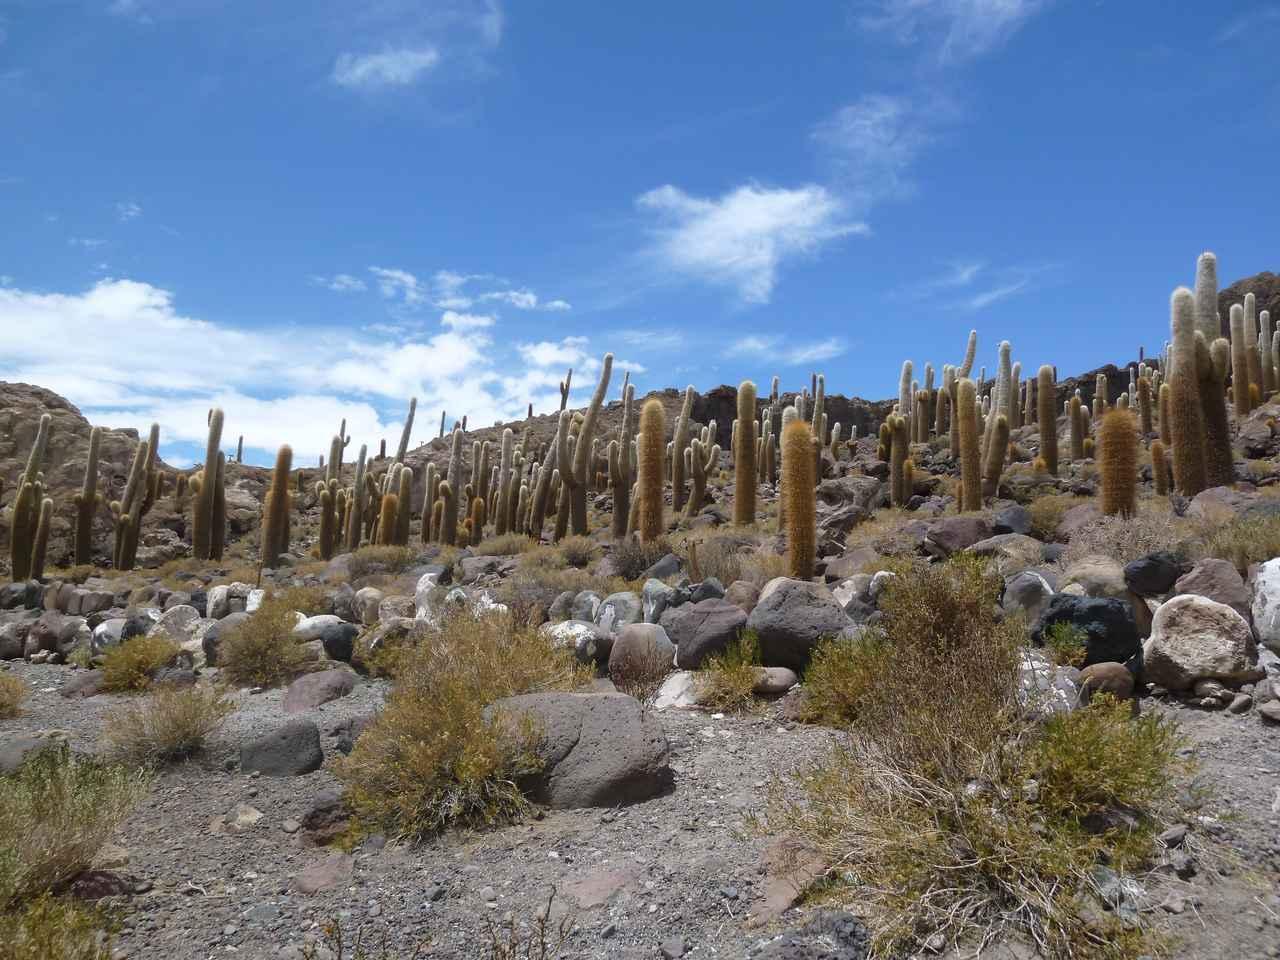 画像1: ボリビア ウユニ塩湖 インカワシ島(イメージ)